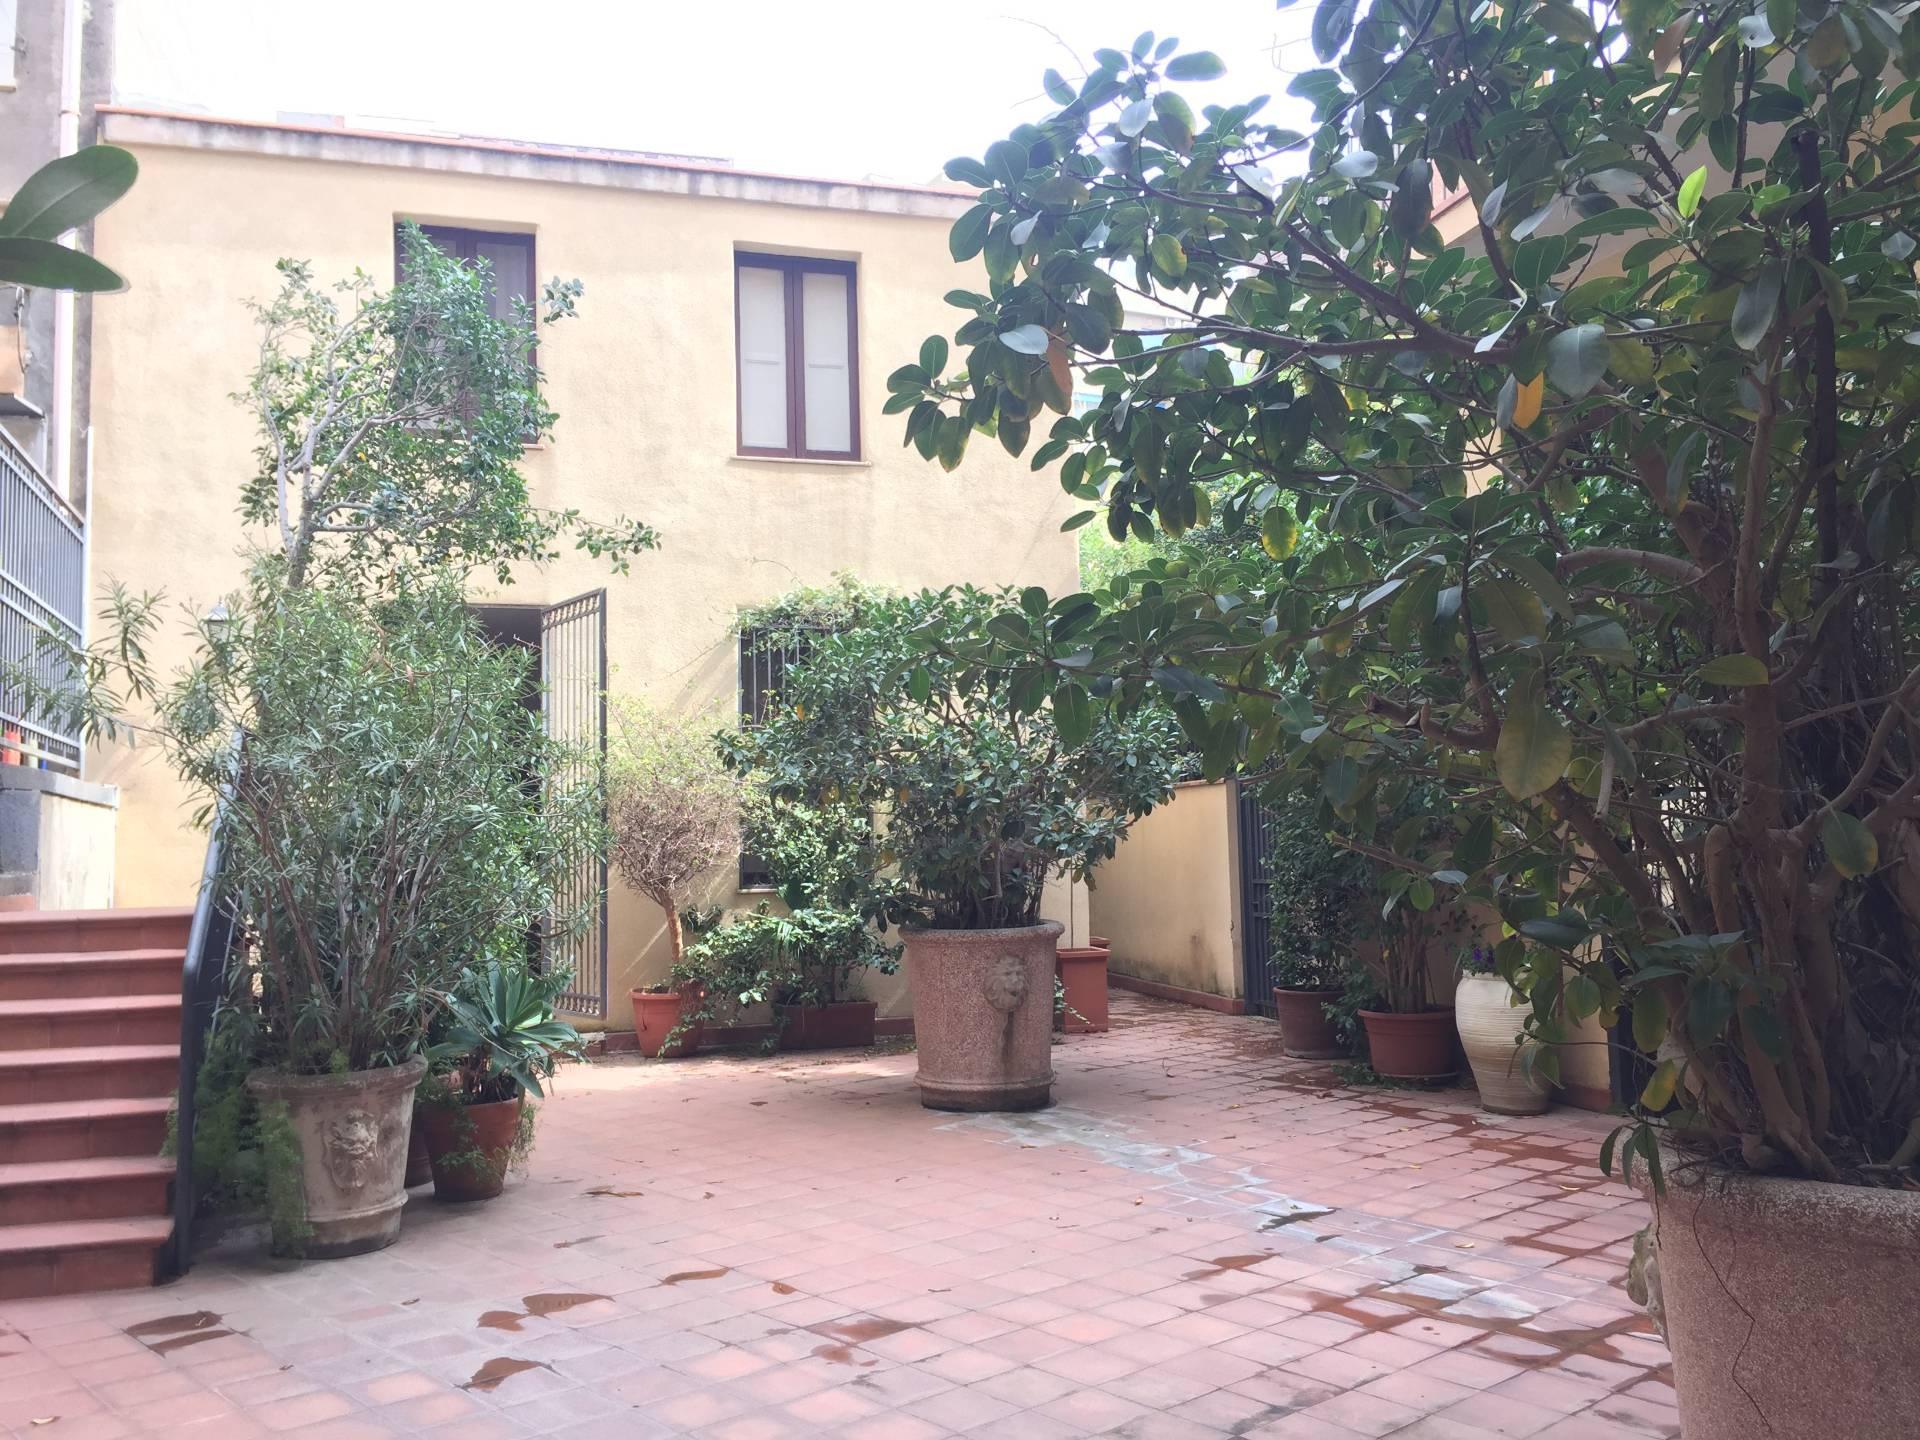 catania affitto quart: viale xx settembre - piazza roma studio-catania-centro-sas-di-corallo-gaetana-&-c